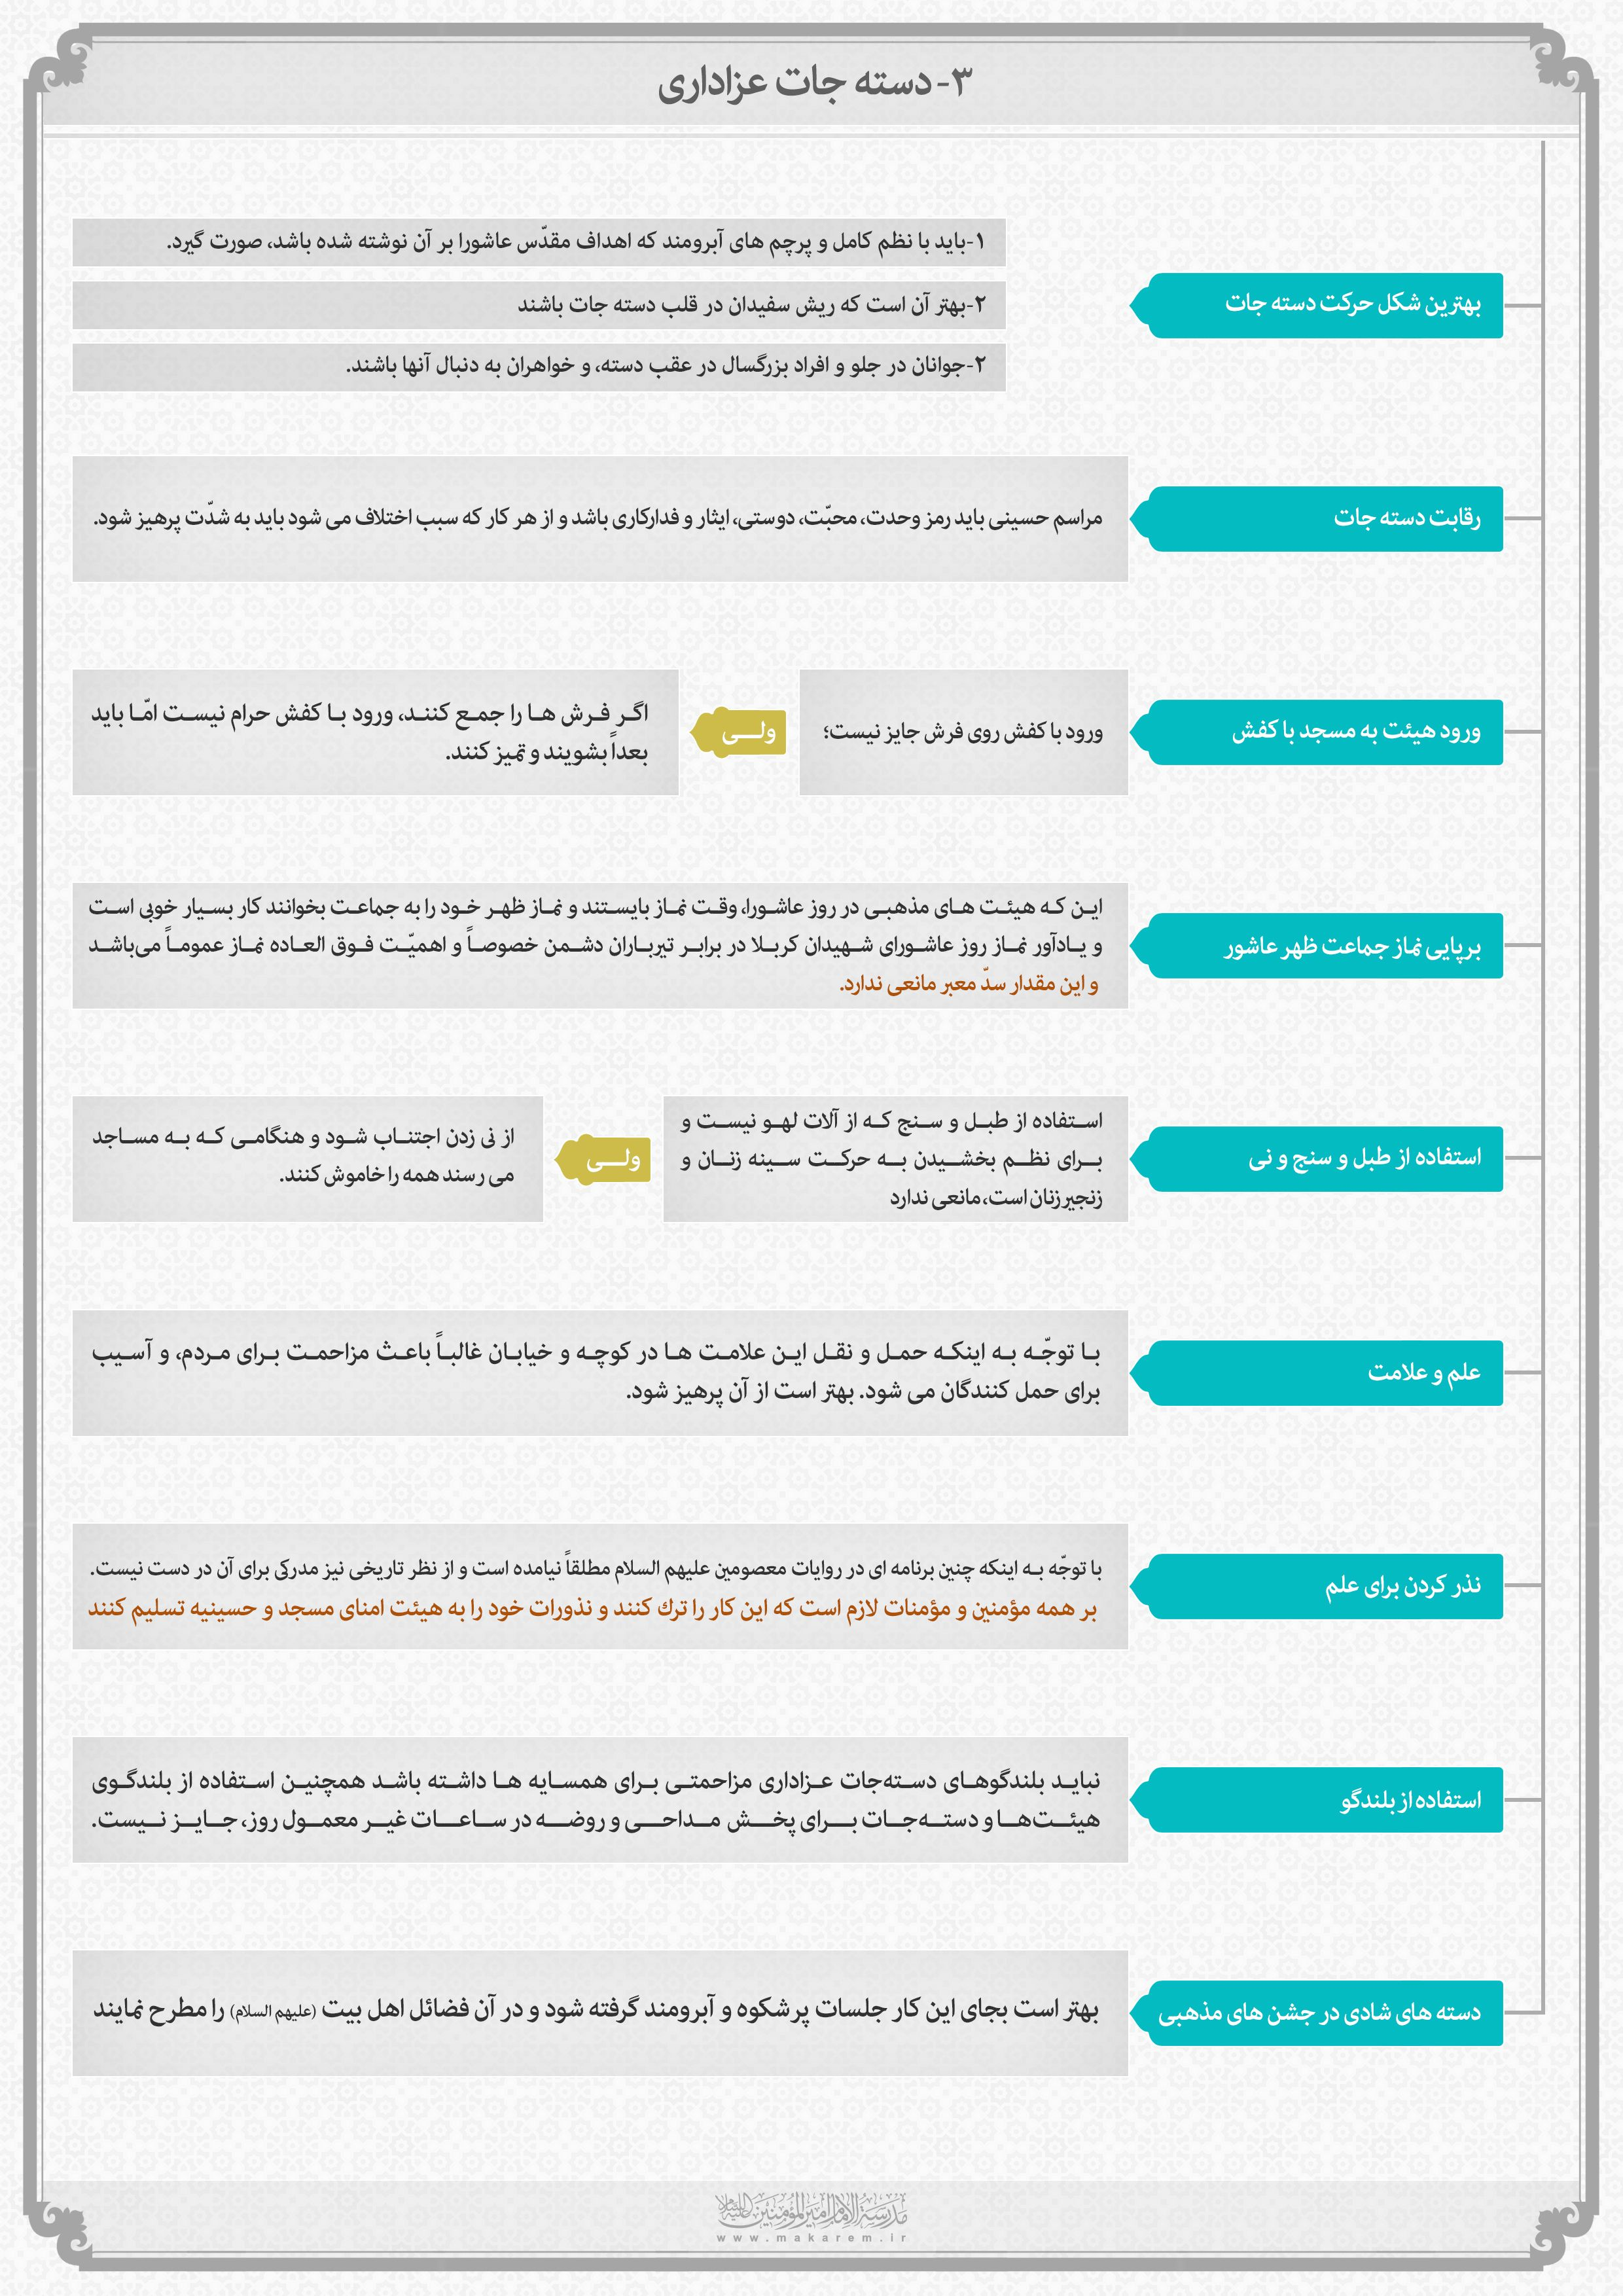 احکام عزاداری – دسته جات عزاداری-مدرسه الامام امیر المومنین (ع)